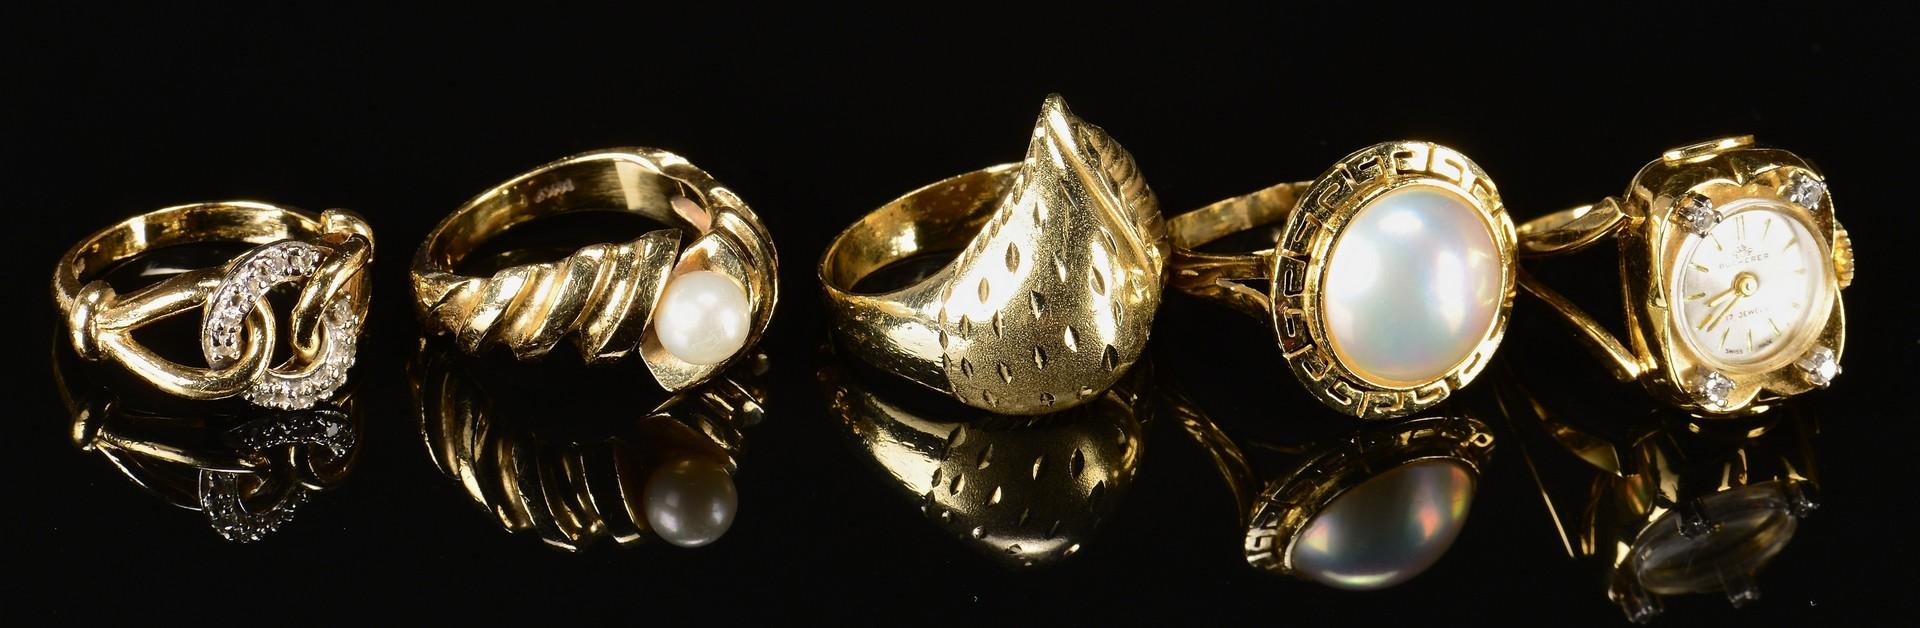 Lot 790: Five 10K, 14K, 18K Lady's Rings